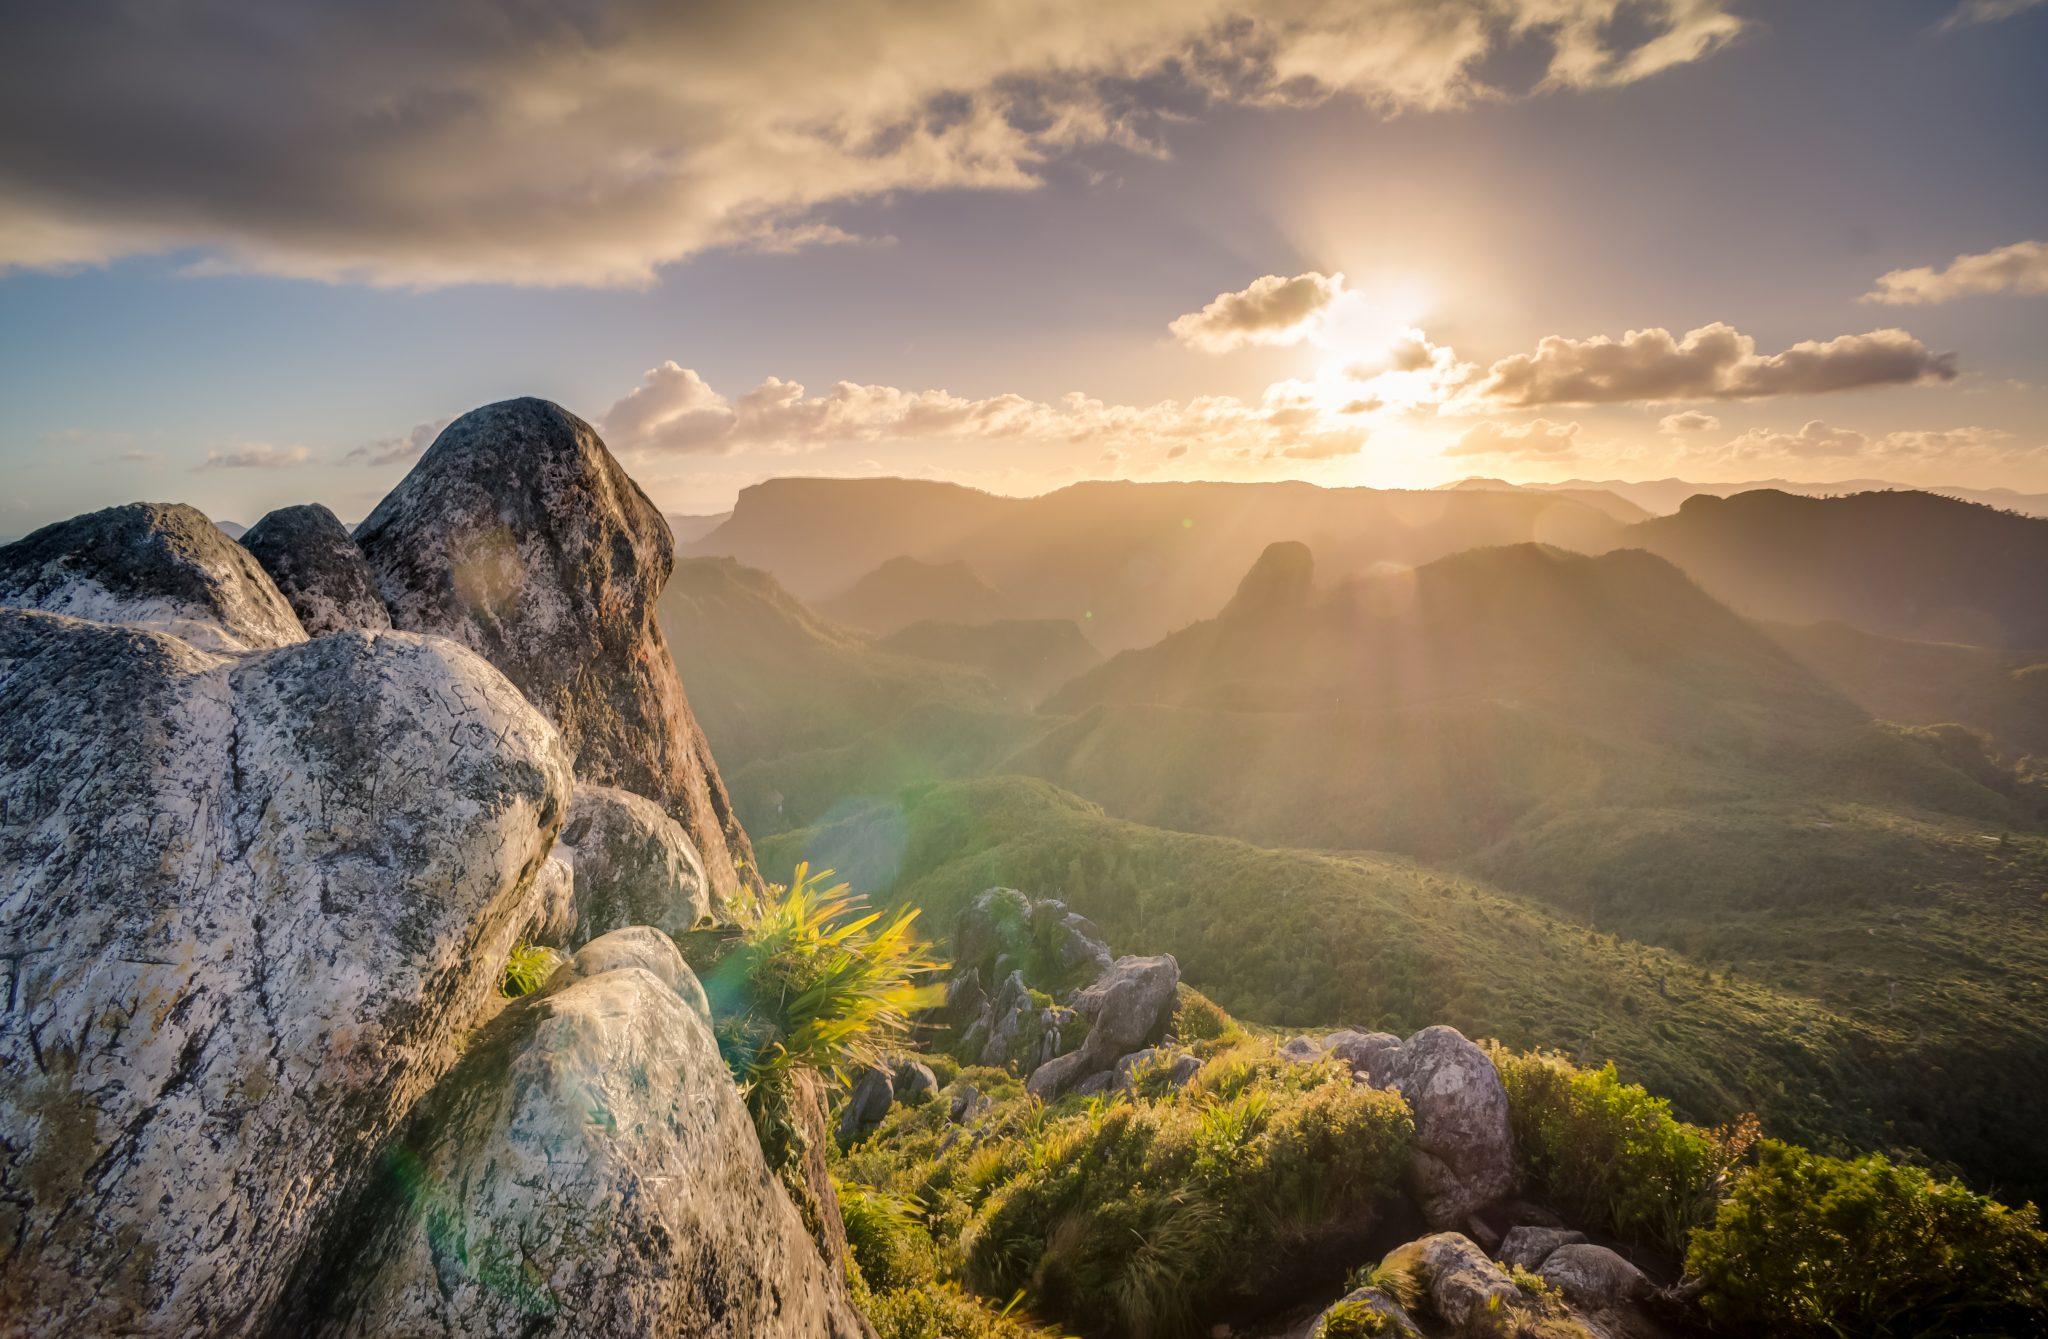 5 Steps to Regain your Faith